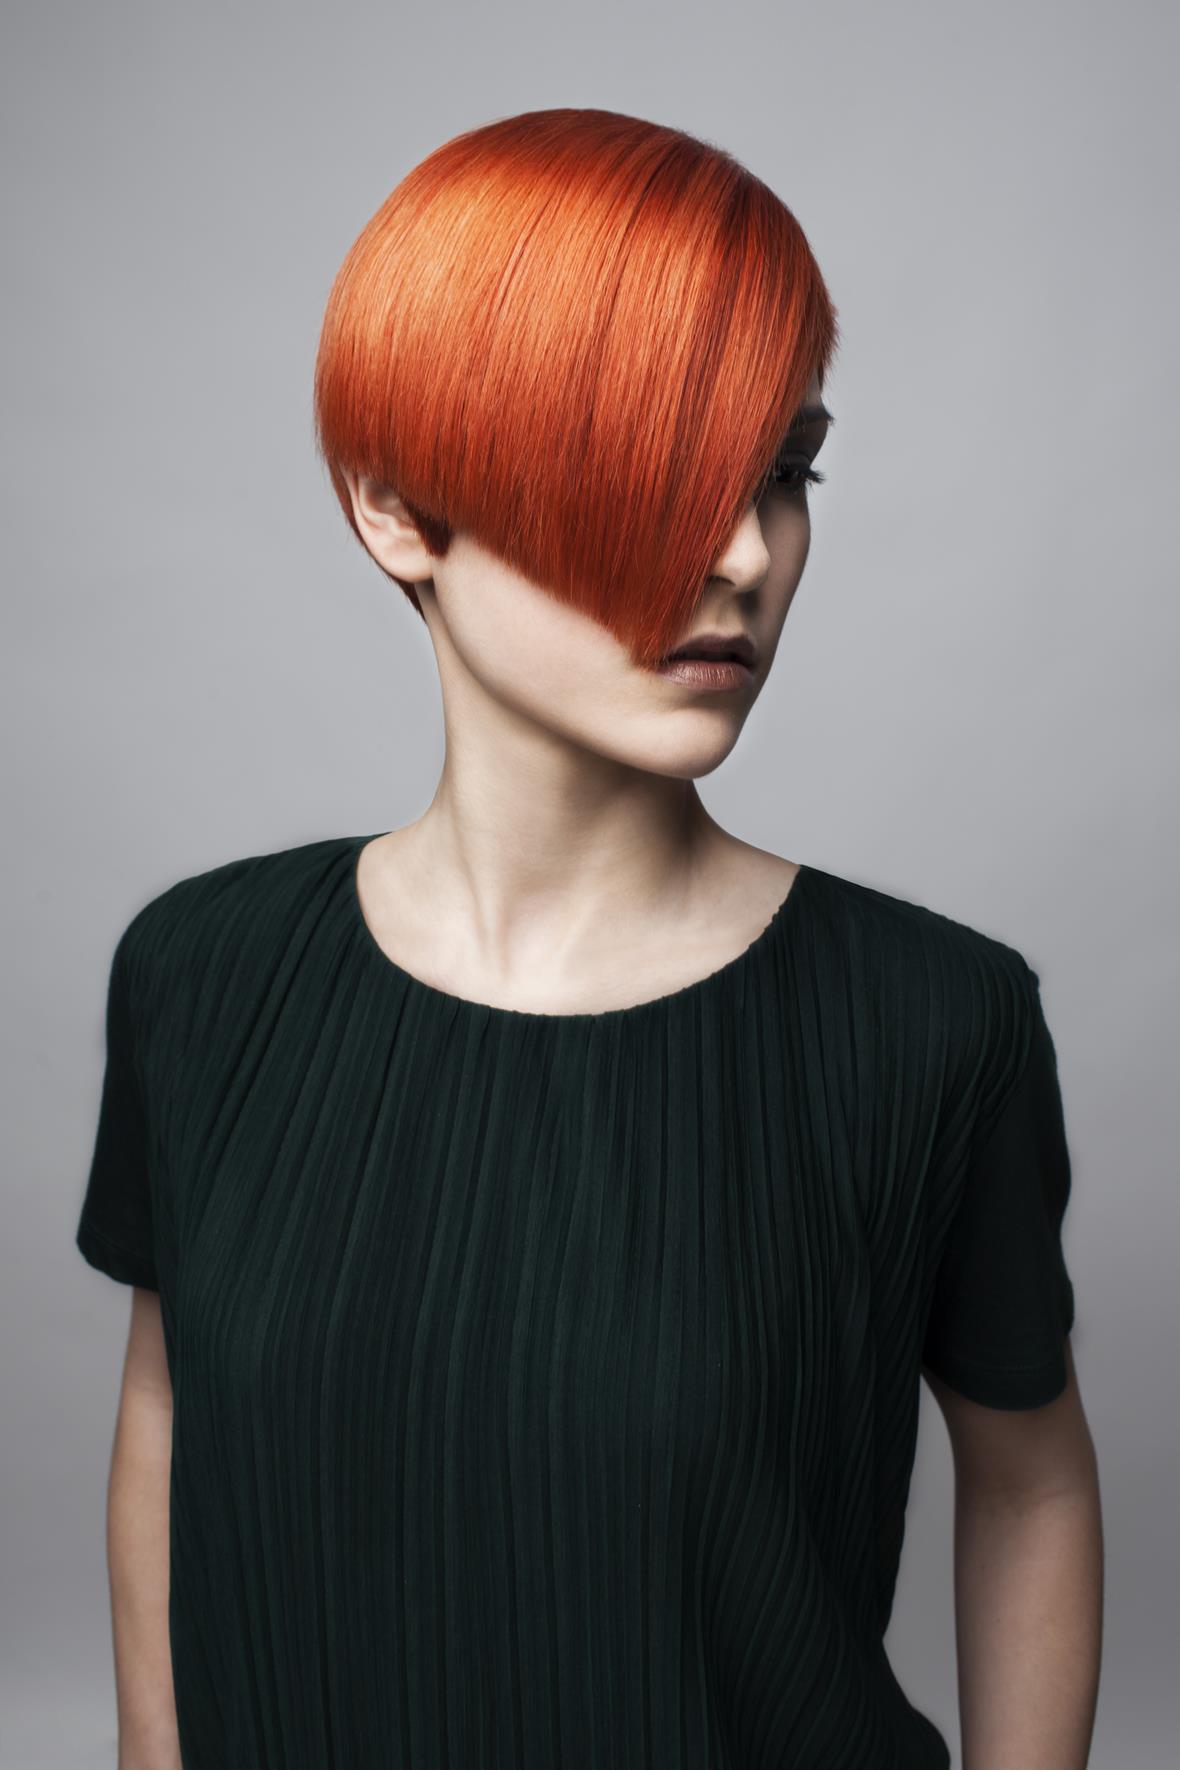 c3-versatil-mujer-001-taller-de-imagen